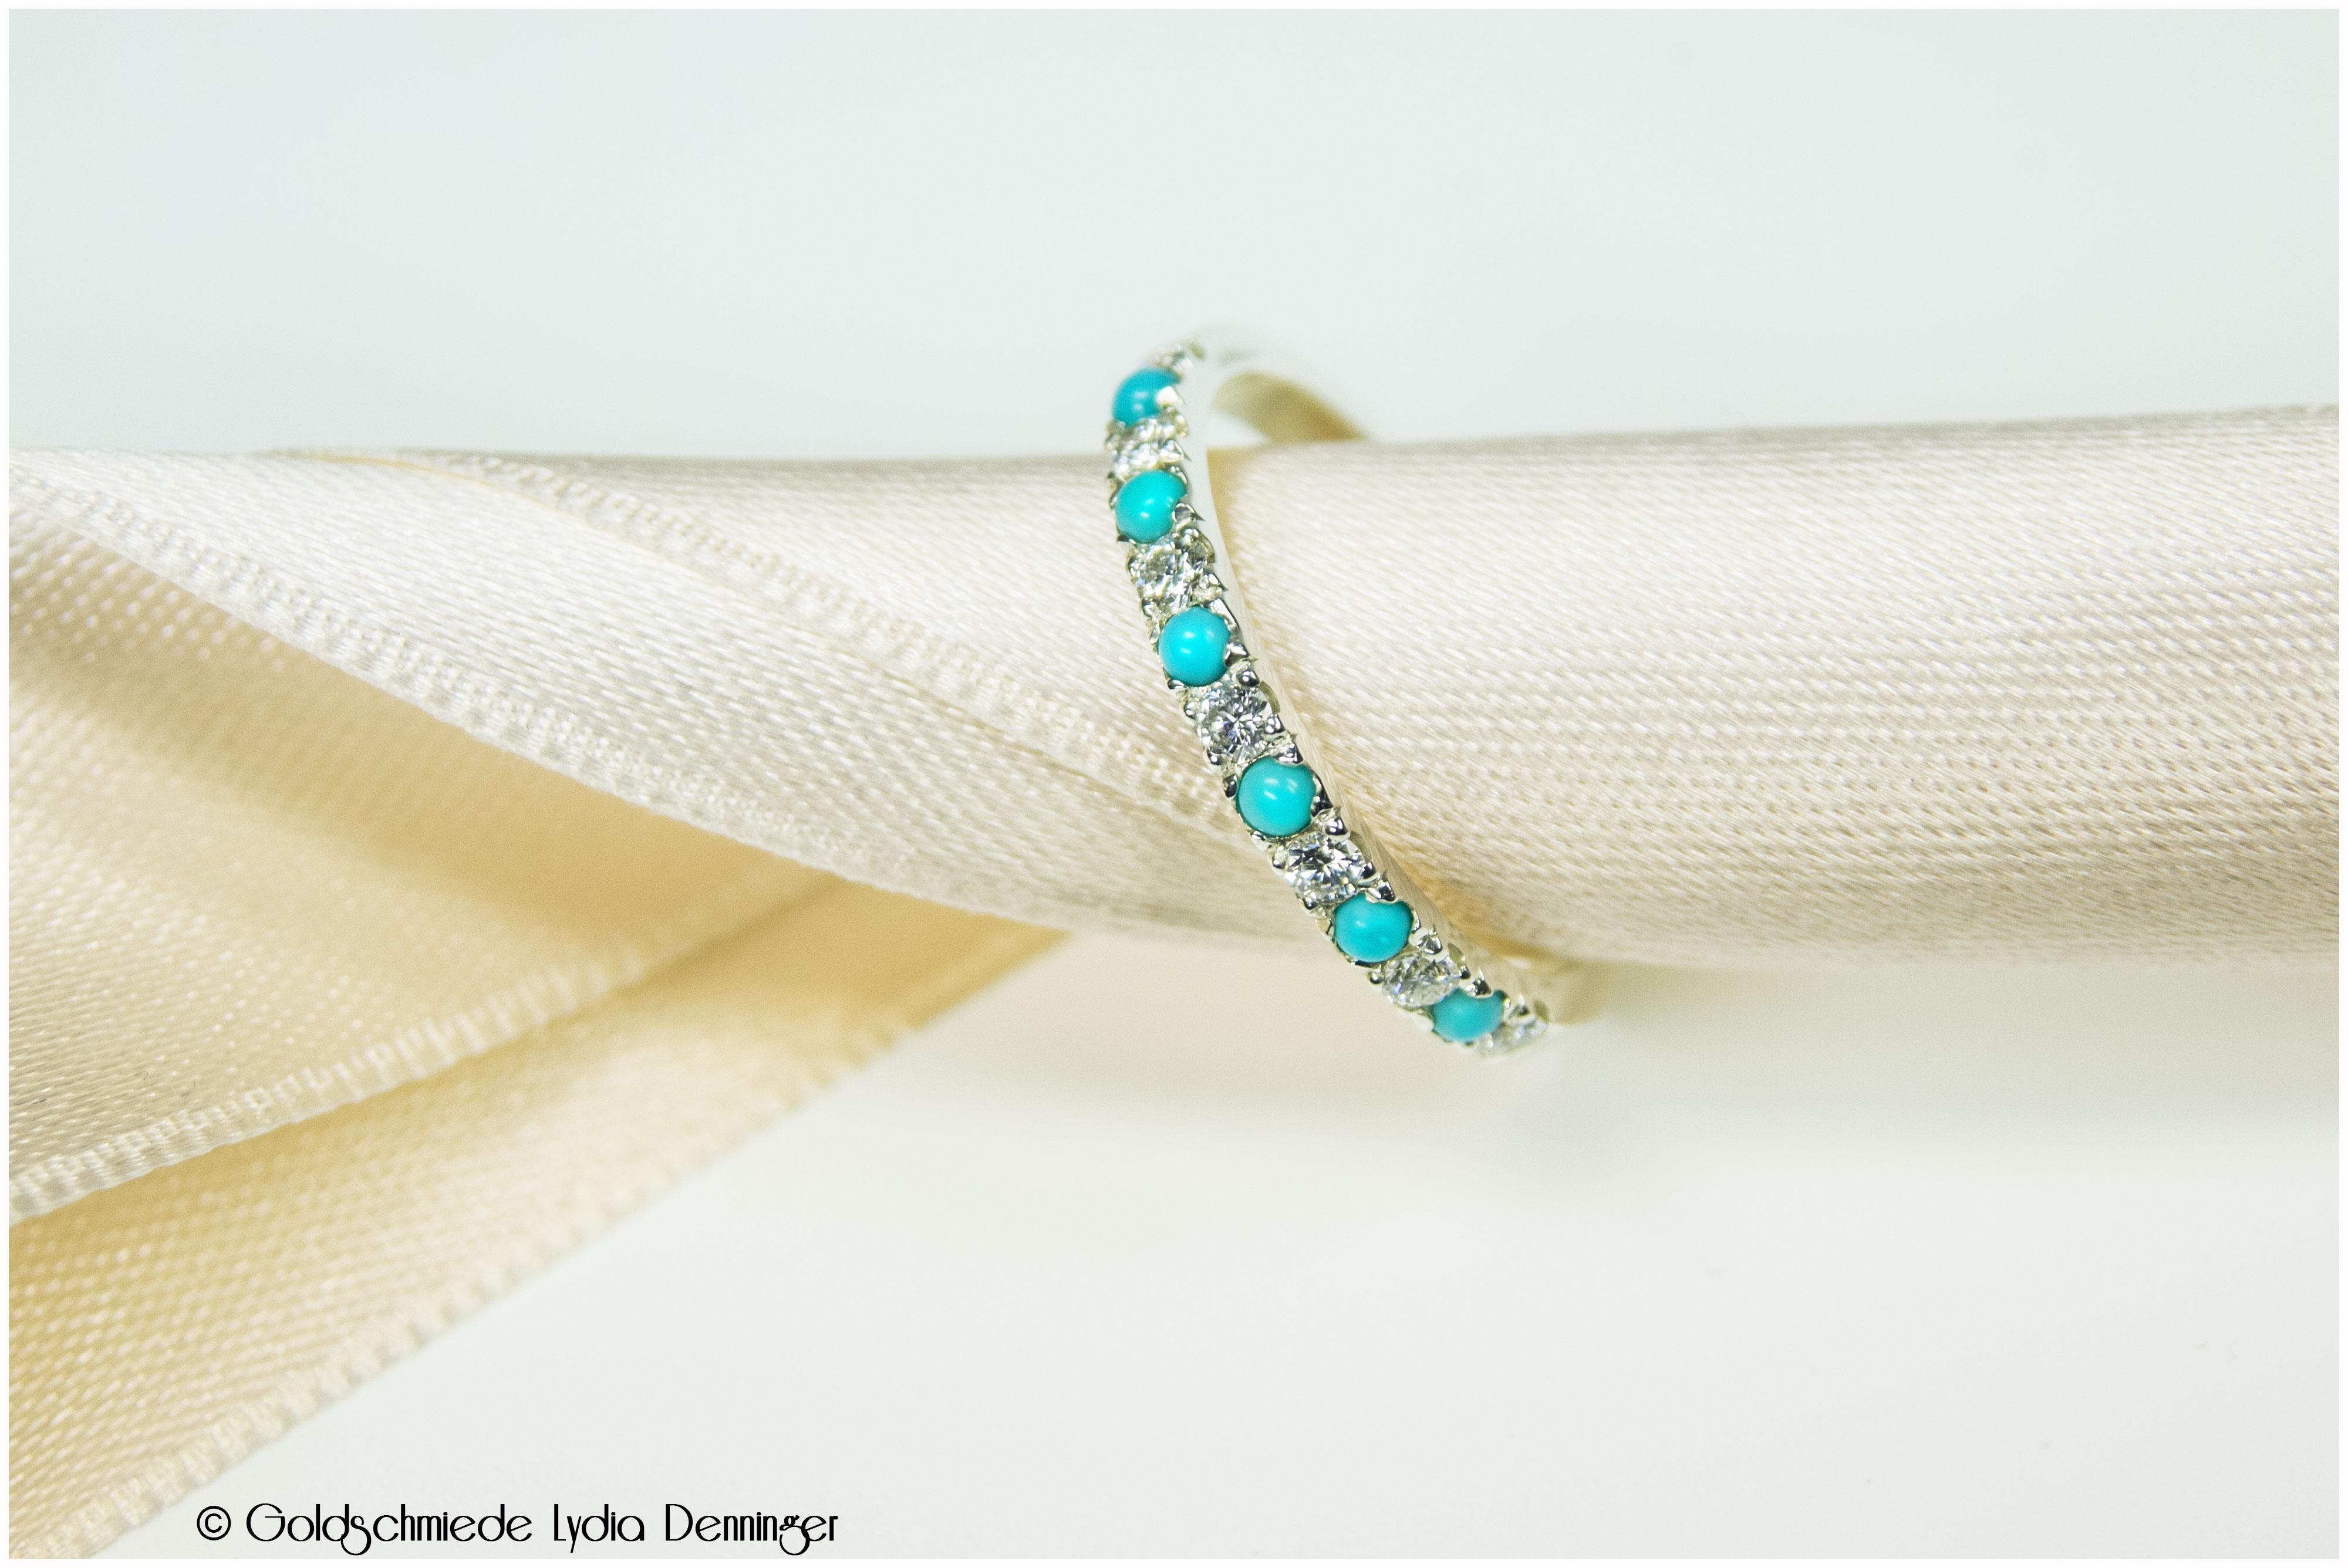 Verlobungsring 585/- Weißgold mit Türkisen und Brillanten